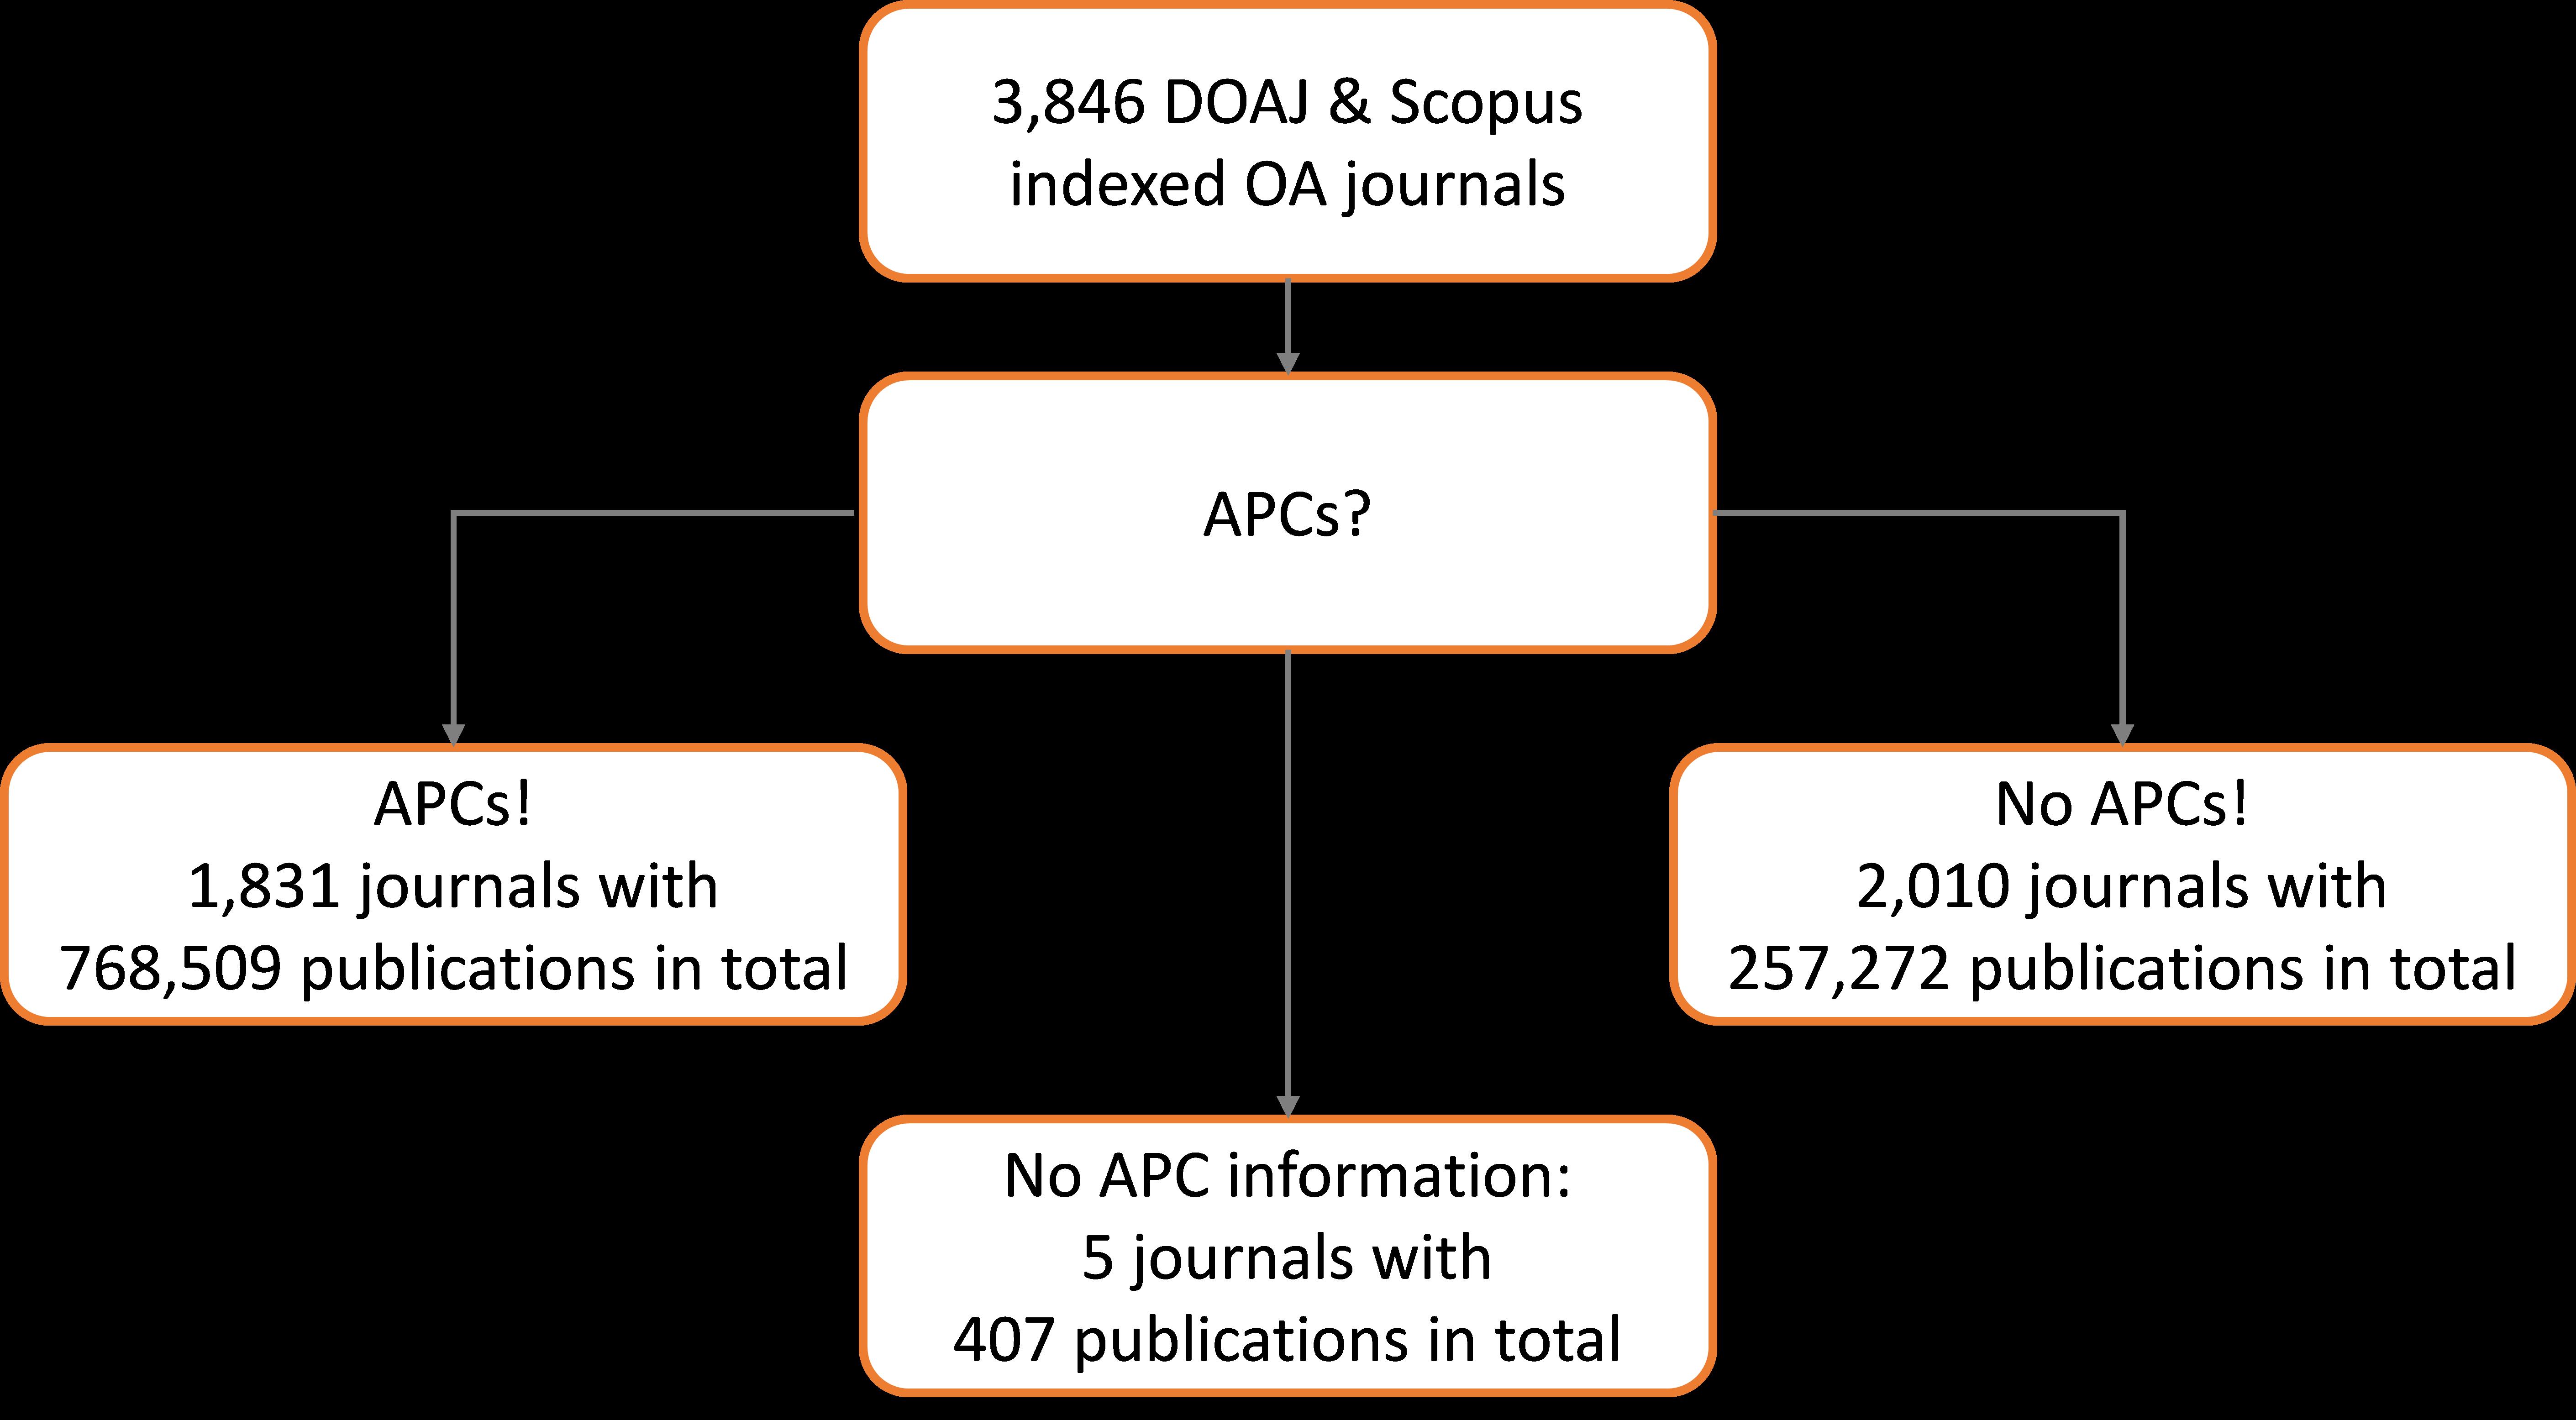 images/Abbildung zum Blogbeitrag APCs das dominierende Geschäftsmodell englisch.png